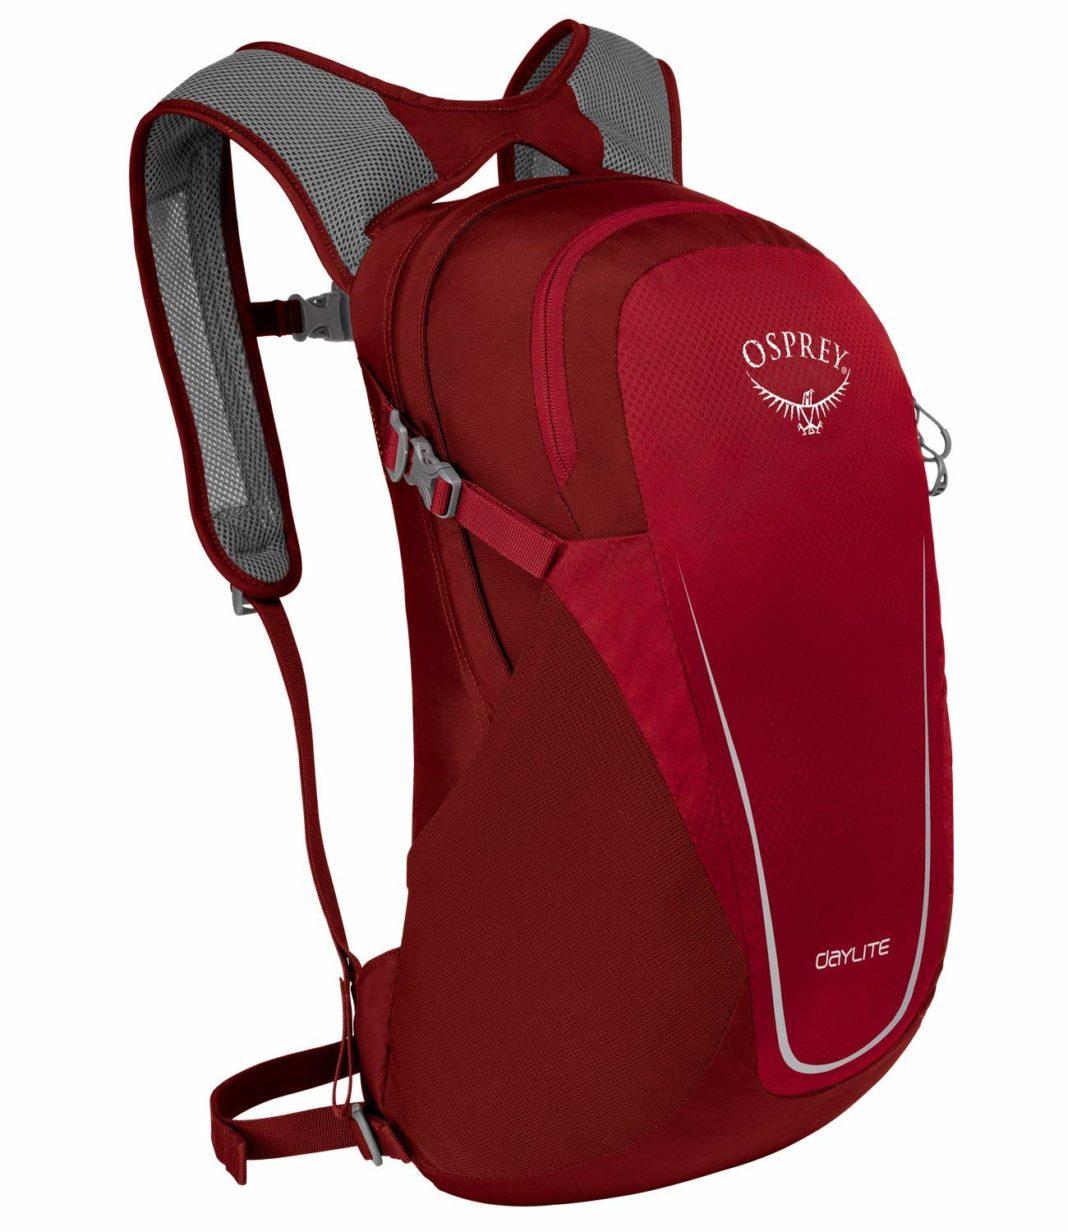 best daypacks - Osprey Daylite